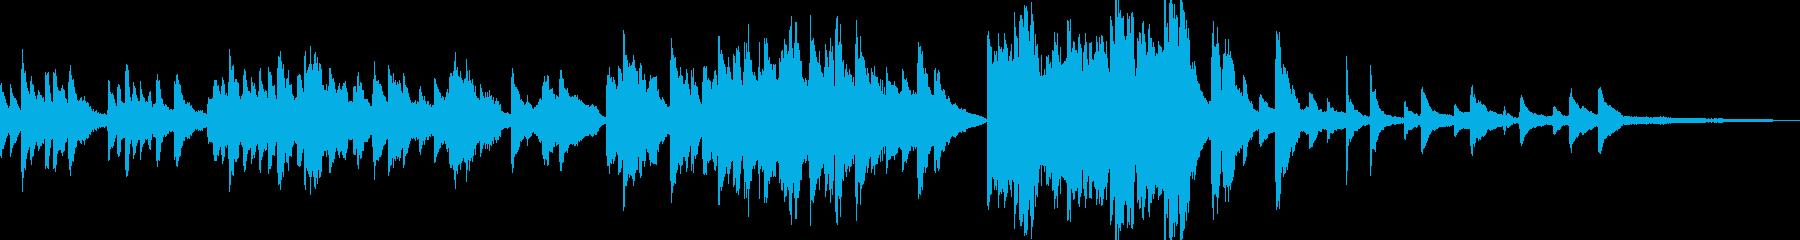 ゆったりとしたクラシカルなピアノ・ソロの再生済みの波形